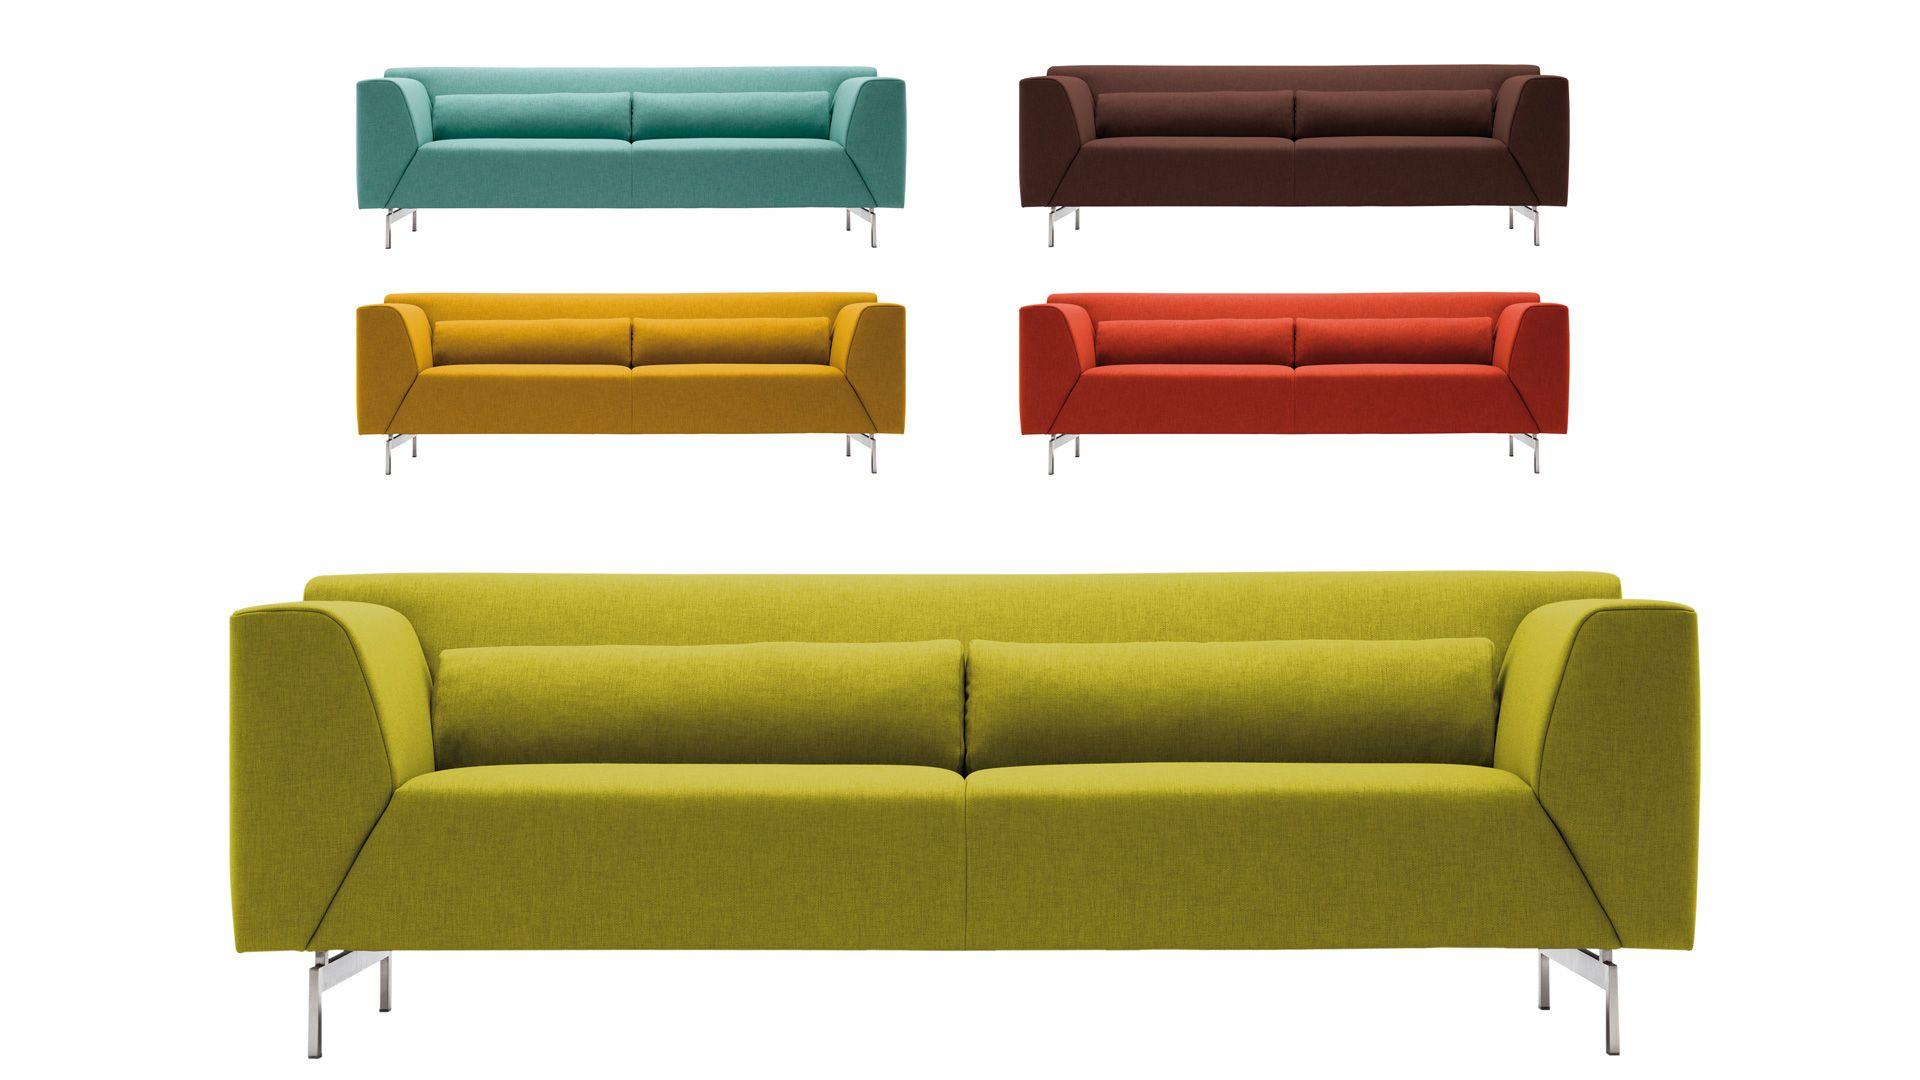 rolf benz linea eenvoudige lijnen maken het designwaardig. Black Bedroom Furniture Sets. Home Design Ideas